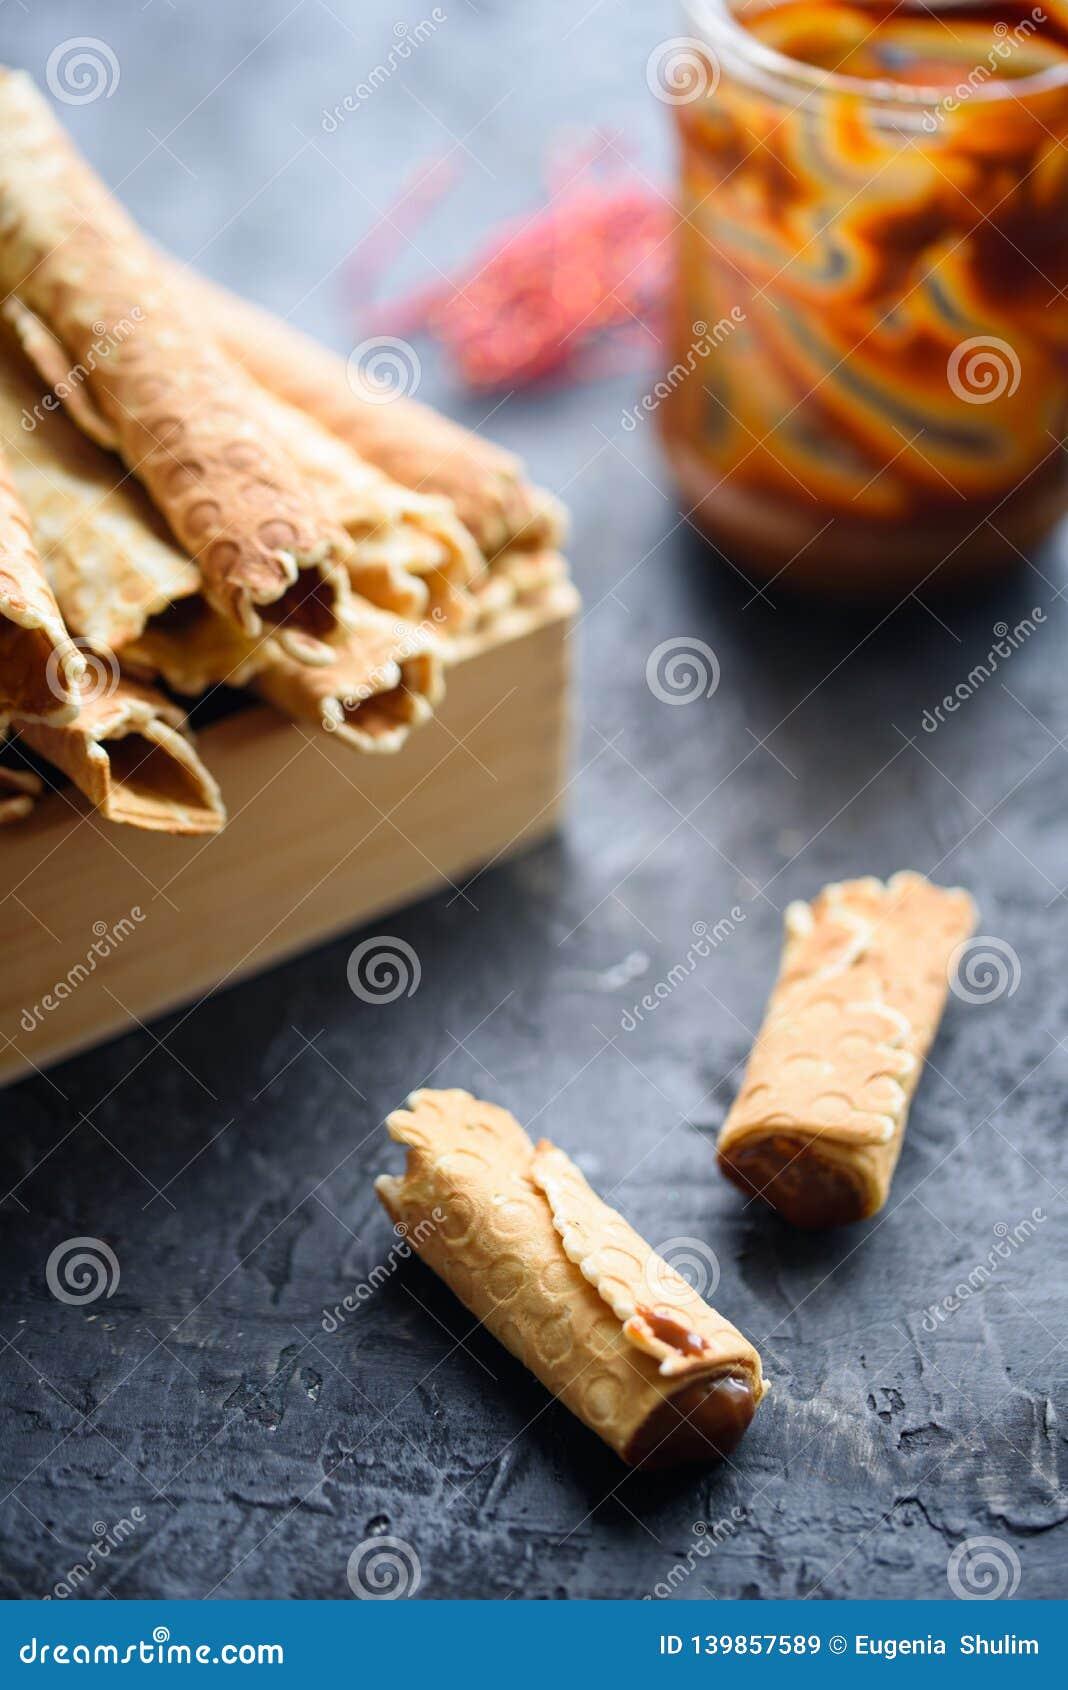 Het wafeltje rolt, smakelijk en geurig, met gekookte condens op een zwarte lijst